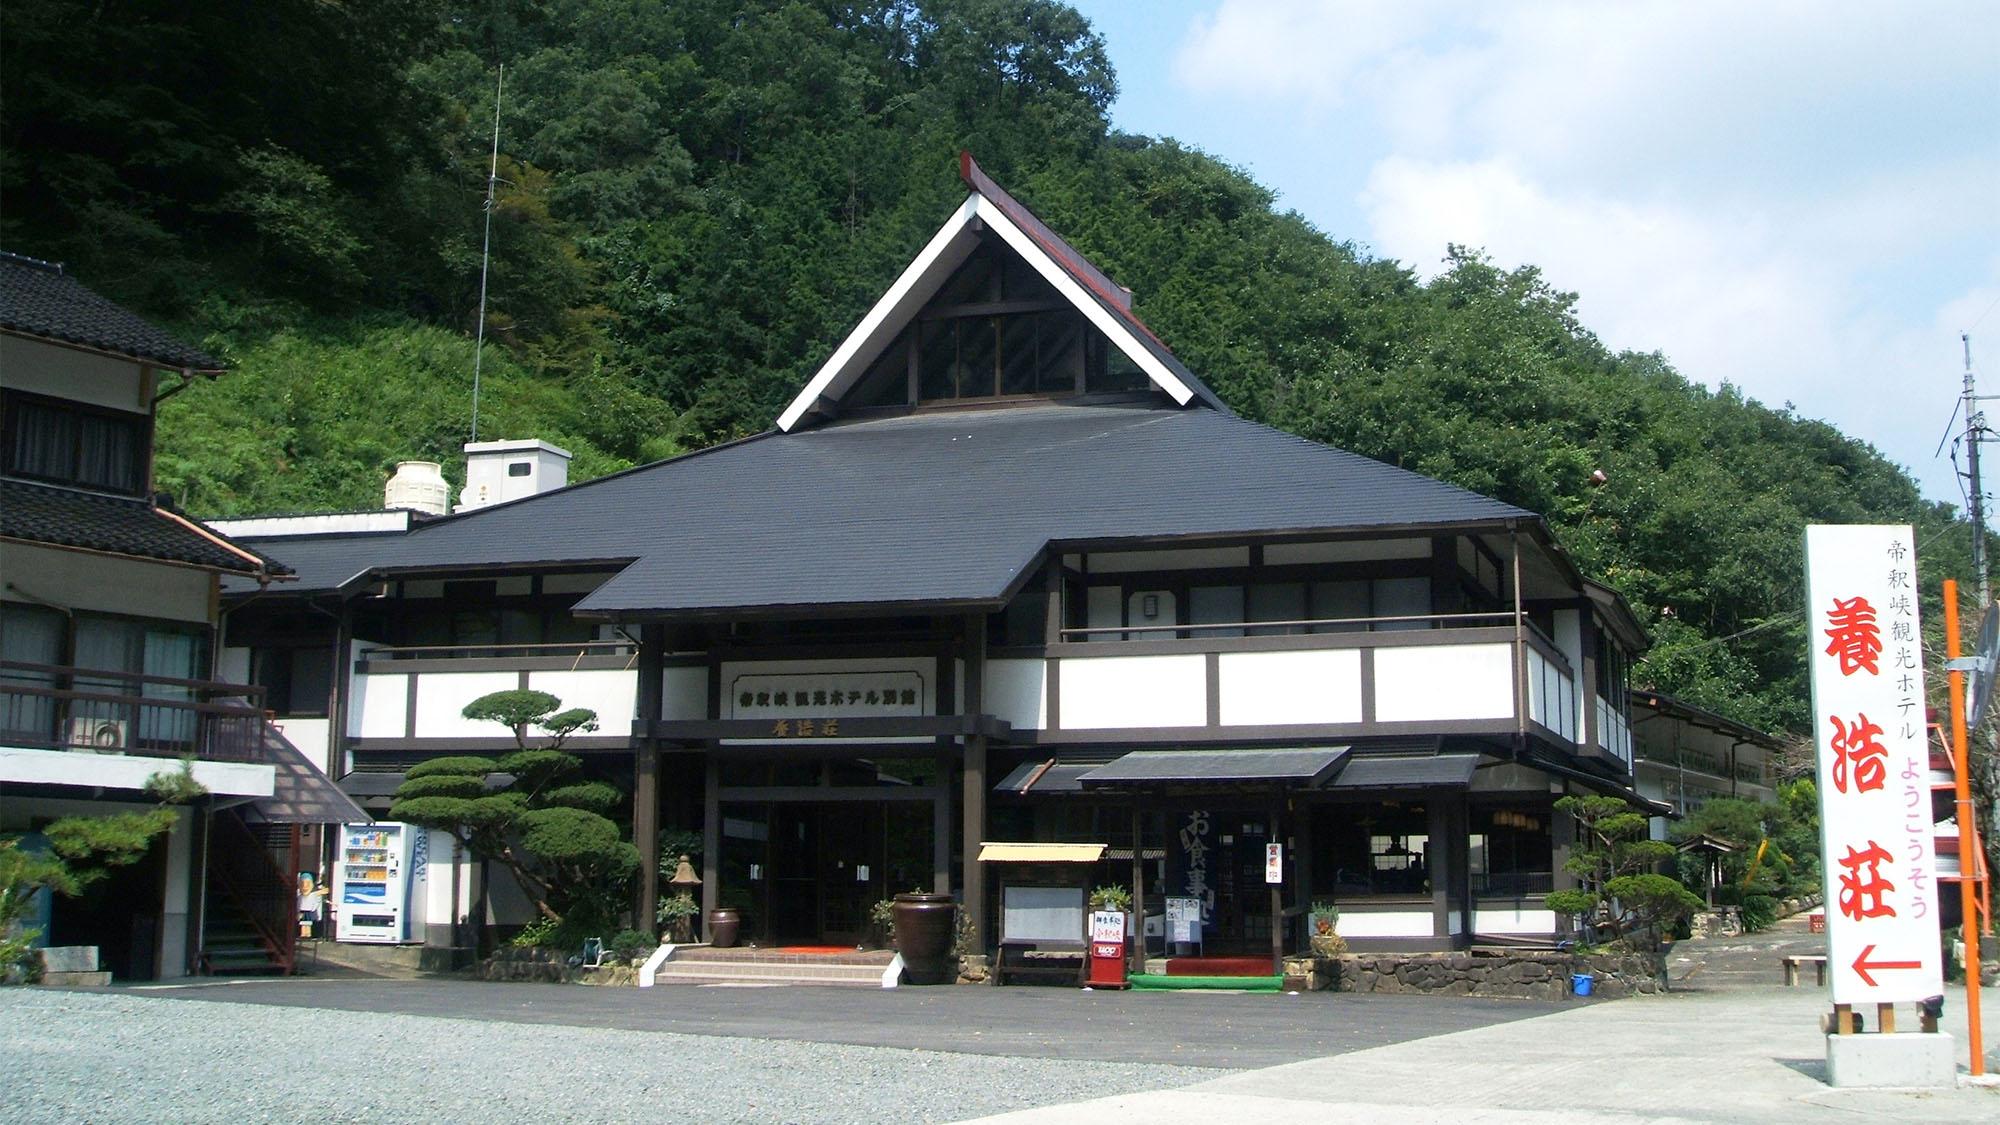 帝釈峡観光ホテル別館養浩荘